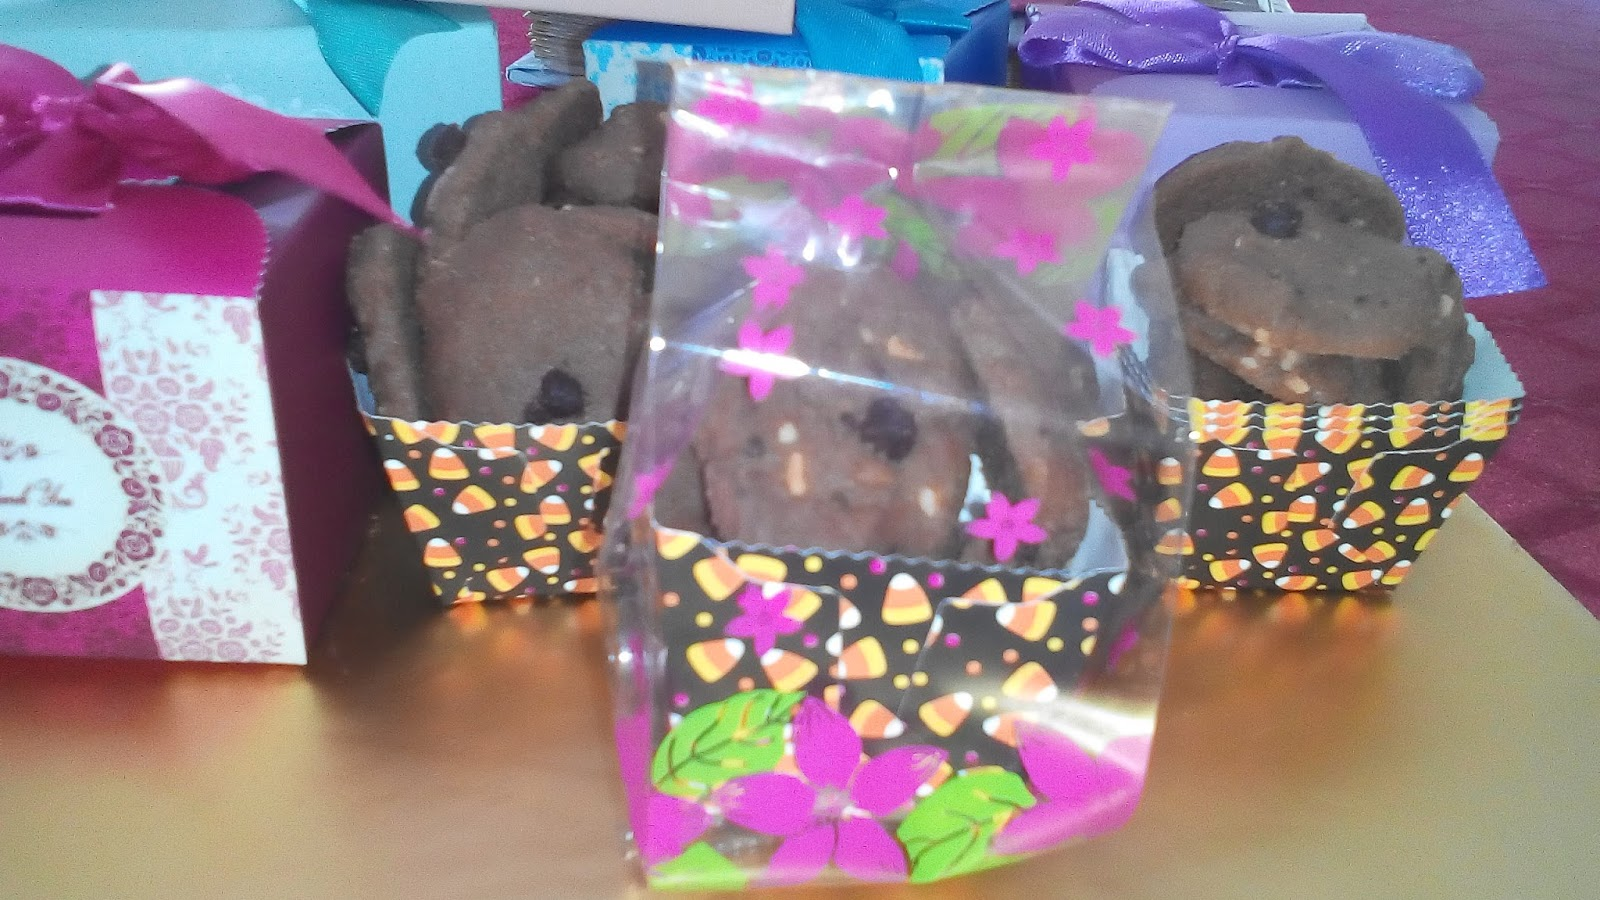 Anika myrasa cookies doorgift goodies pack bajet for Idea door gift kahwin bajet